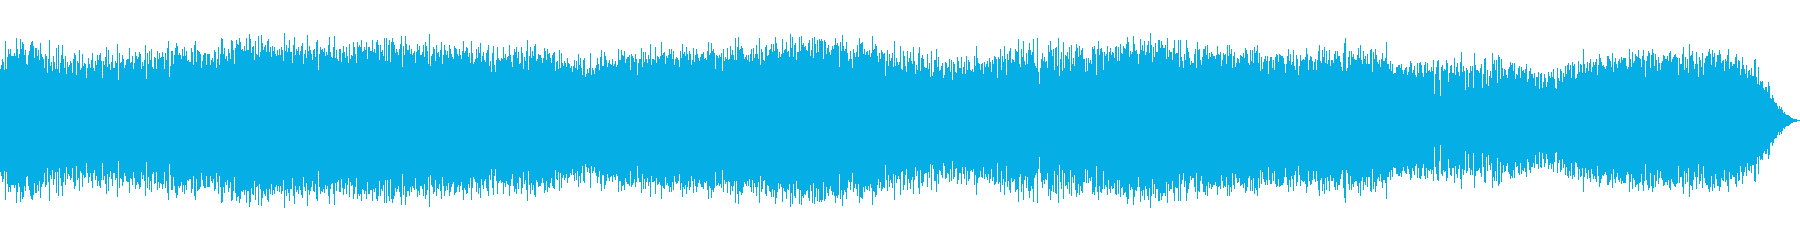 マインドコントロールの再生済みの波形